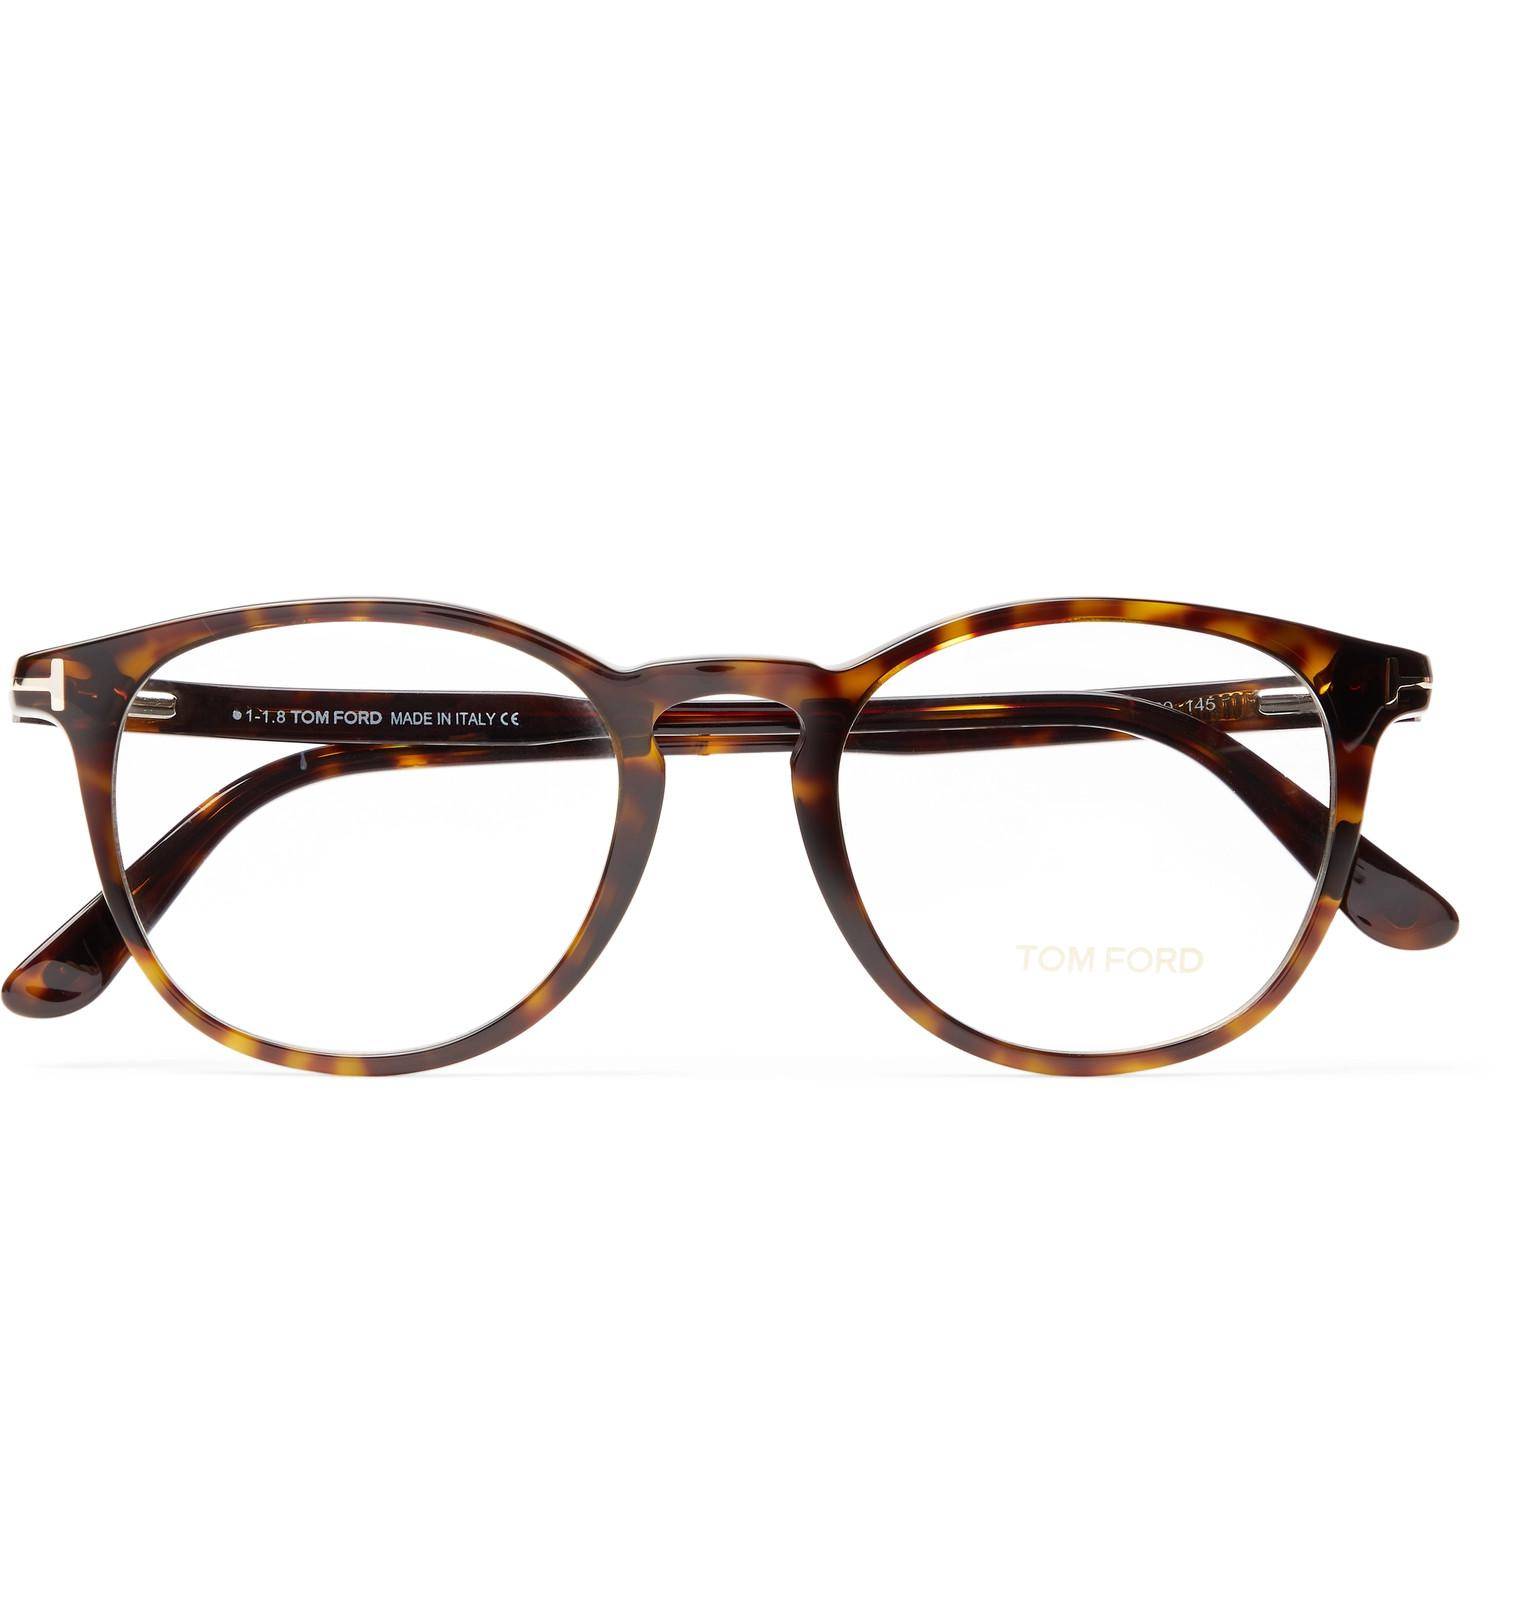 e97c4f59e439 Tom Ford - Brown Round-frame Tortoiseshell Acetate Optical Glasses for Men  - Lyst. View fullscreen